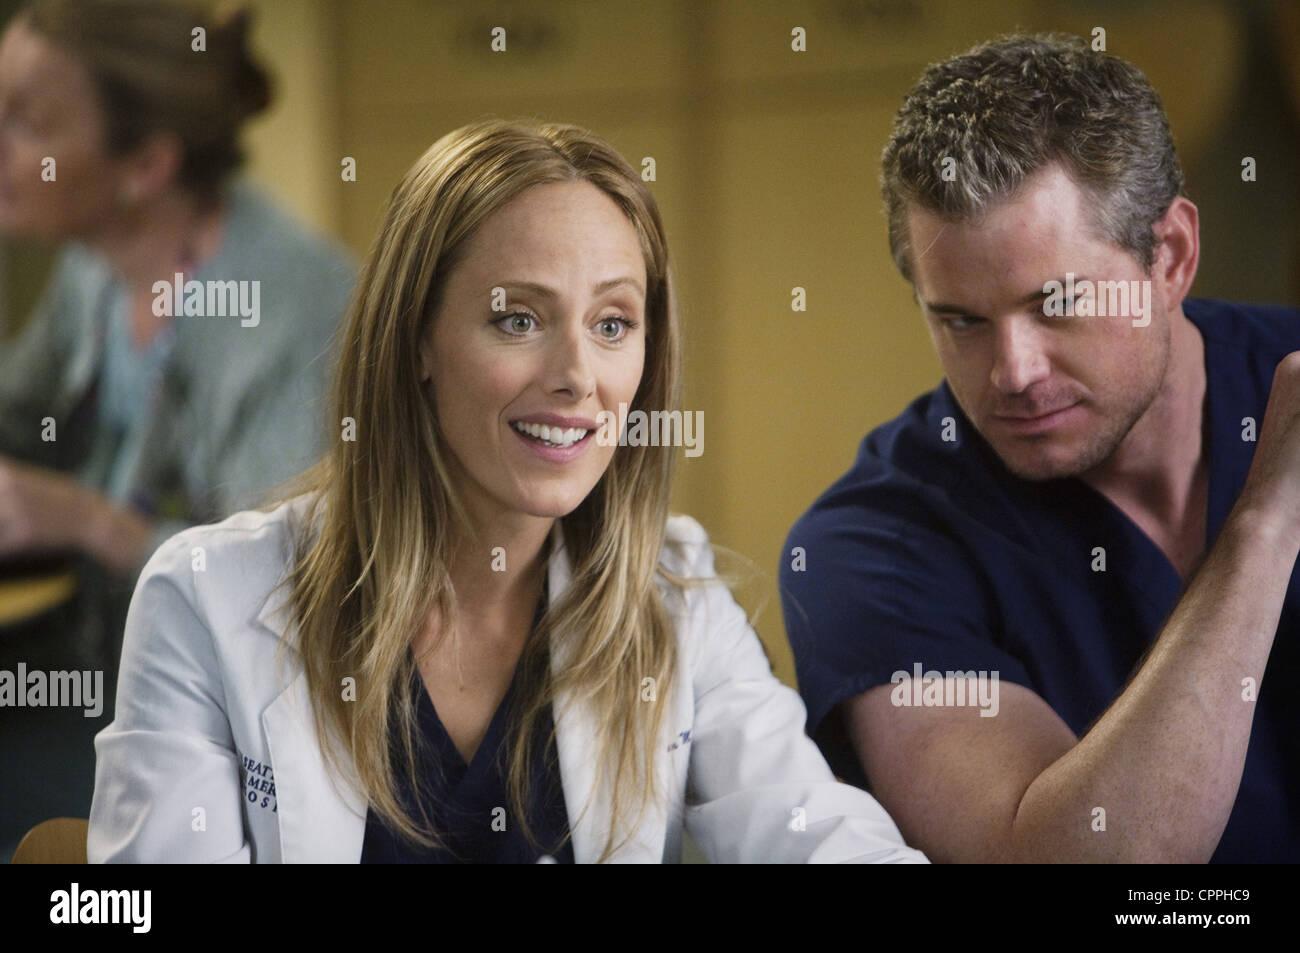 Ziemlich Greys Anatomy Serie 6 Zeitgenössisch - Anatomie Von ...